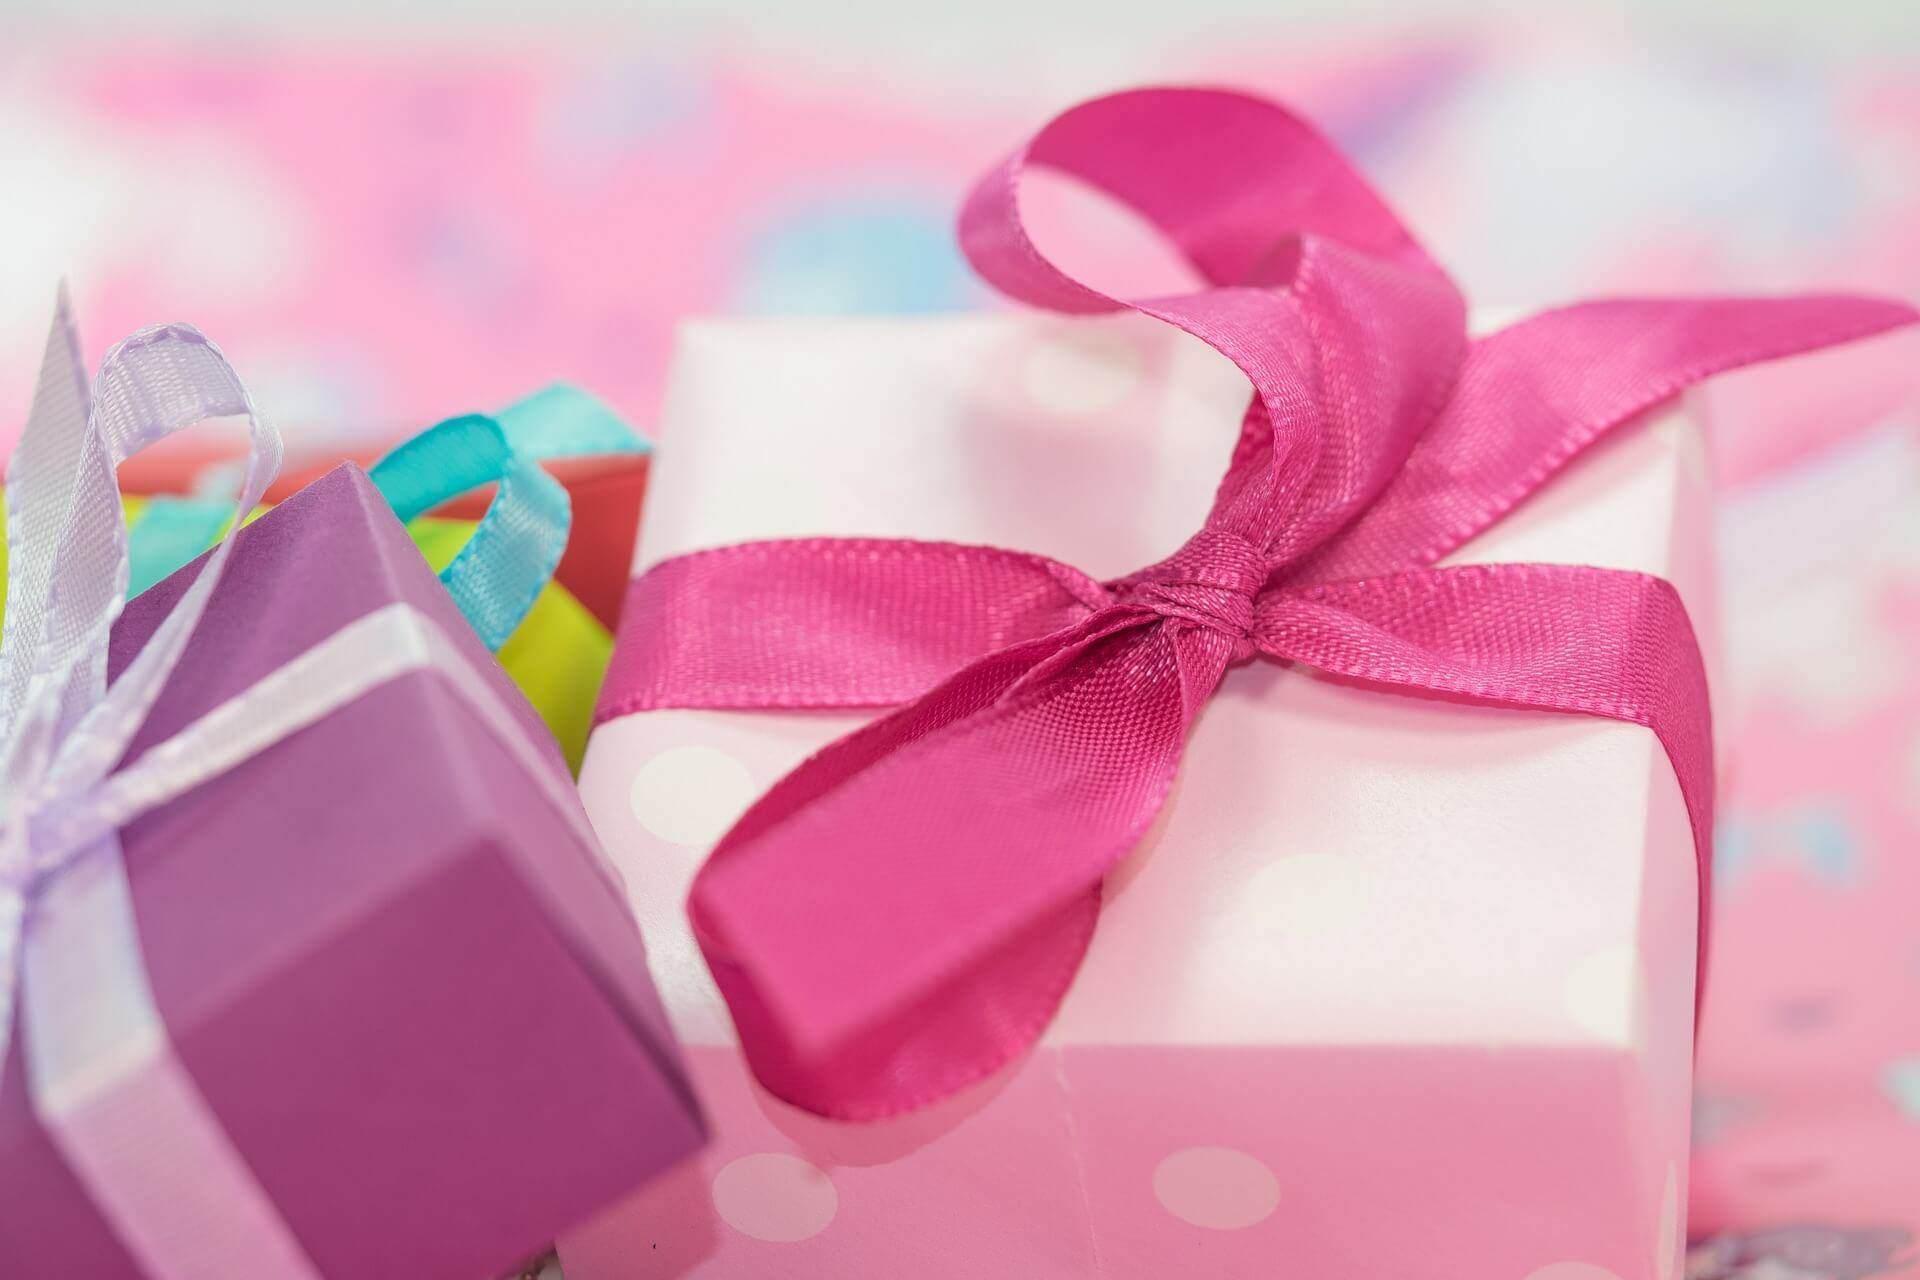 Liebes-Geschenk: Love-Heart – Herzbox – der Liebesbeweis. Persönlicher kann man nicht schenken